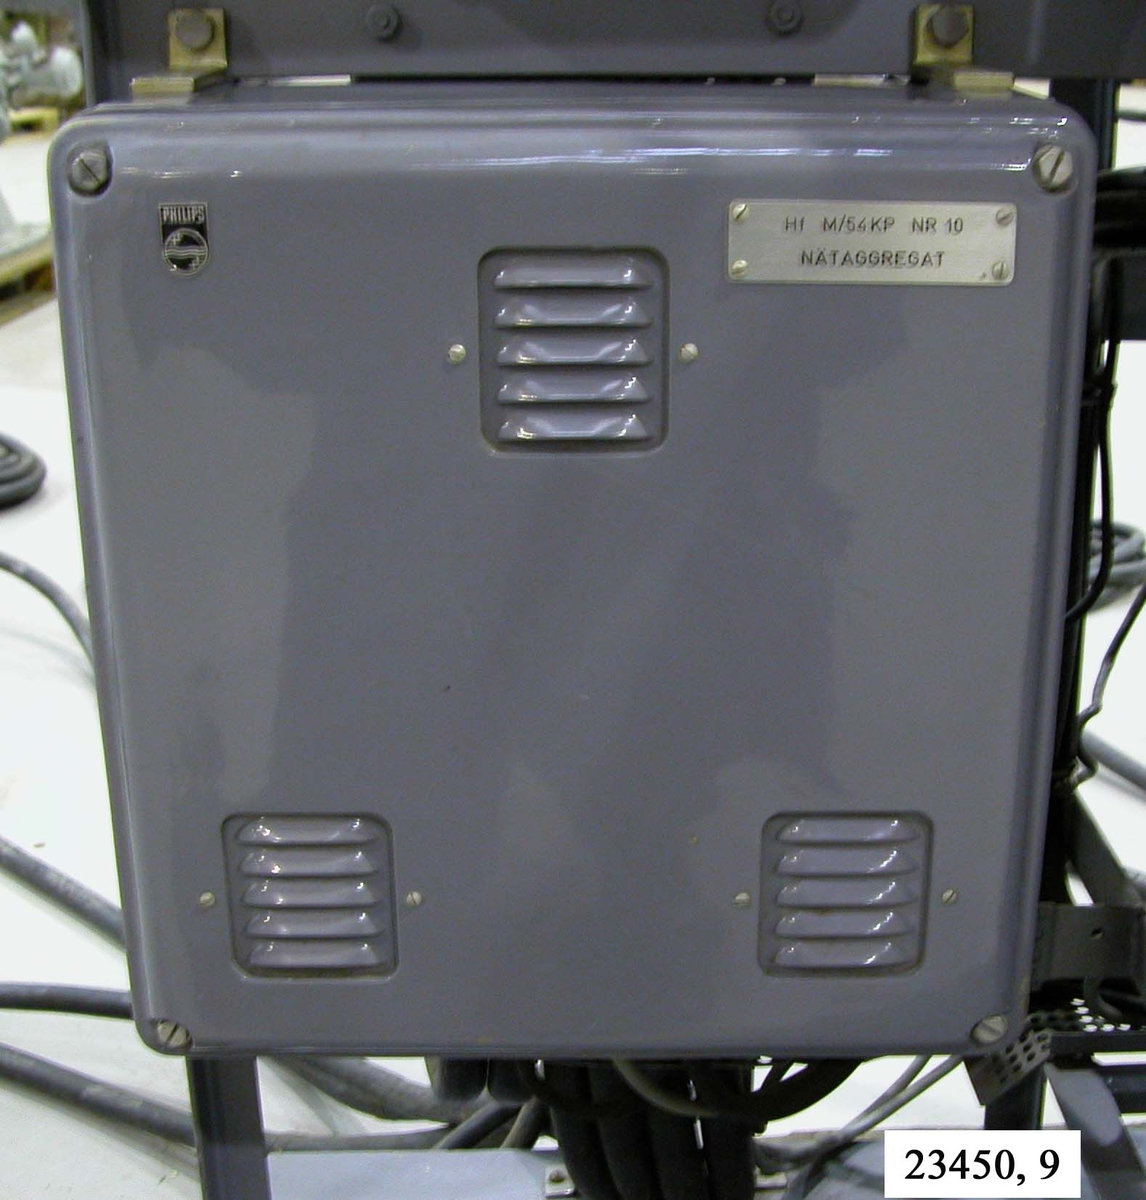 """Rektangulär, grålackerad,metallbox. I respektive hörn sitter bultar.  På boxen sitter tre stycken ventilationsspjäll. I nätaggregatets högra hörn sitter en metallbricka försedd med texten """"Hf M/54 KP NR 10, NÄTAGGREGAT"""". I relälådans underdel sitter ett antal kablar fästa. Nätaggregatet är monterat på ett hydrofonstativ, nere till vänster på stativets framsida.  Not: Kablaget ej medräknat i dimensioner."""